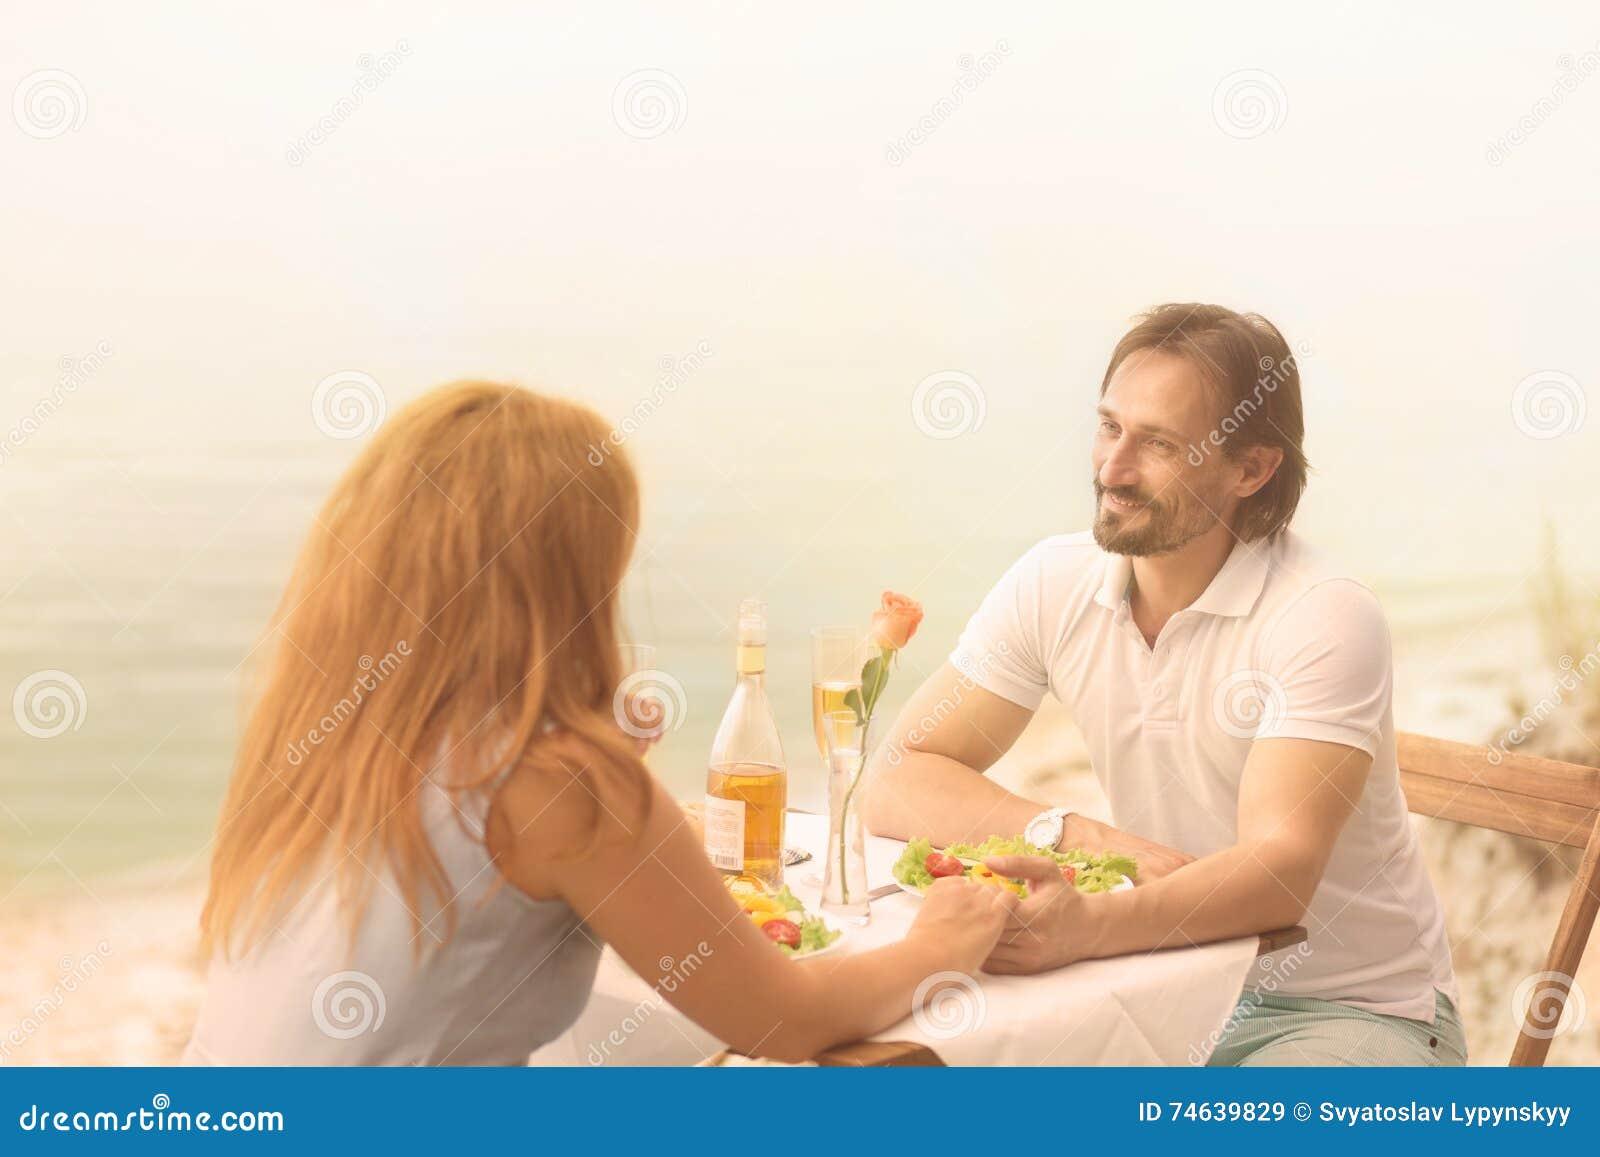 allaperto dating UK